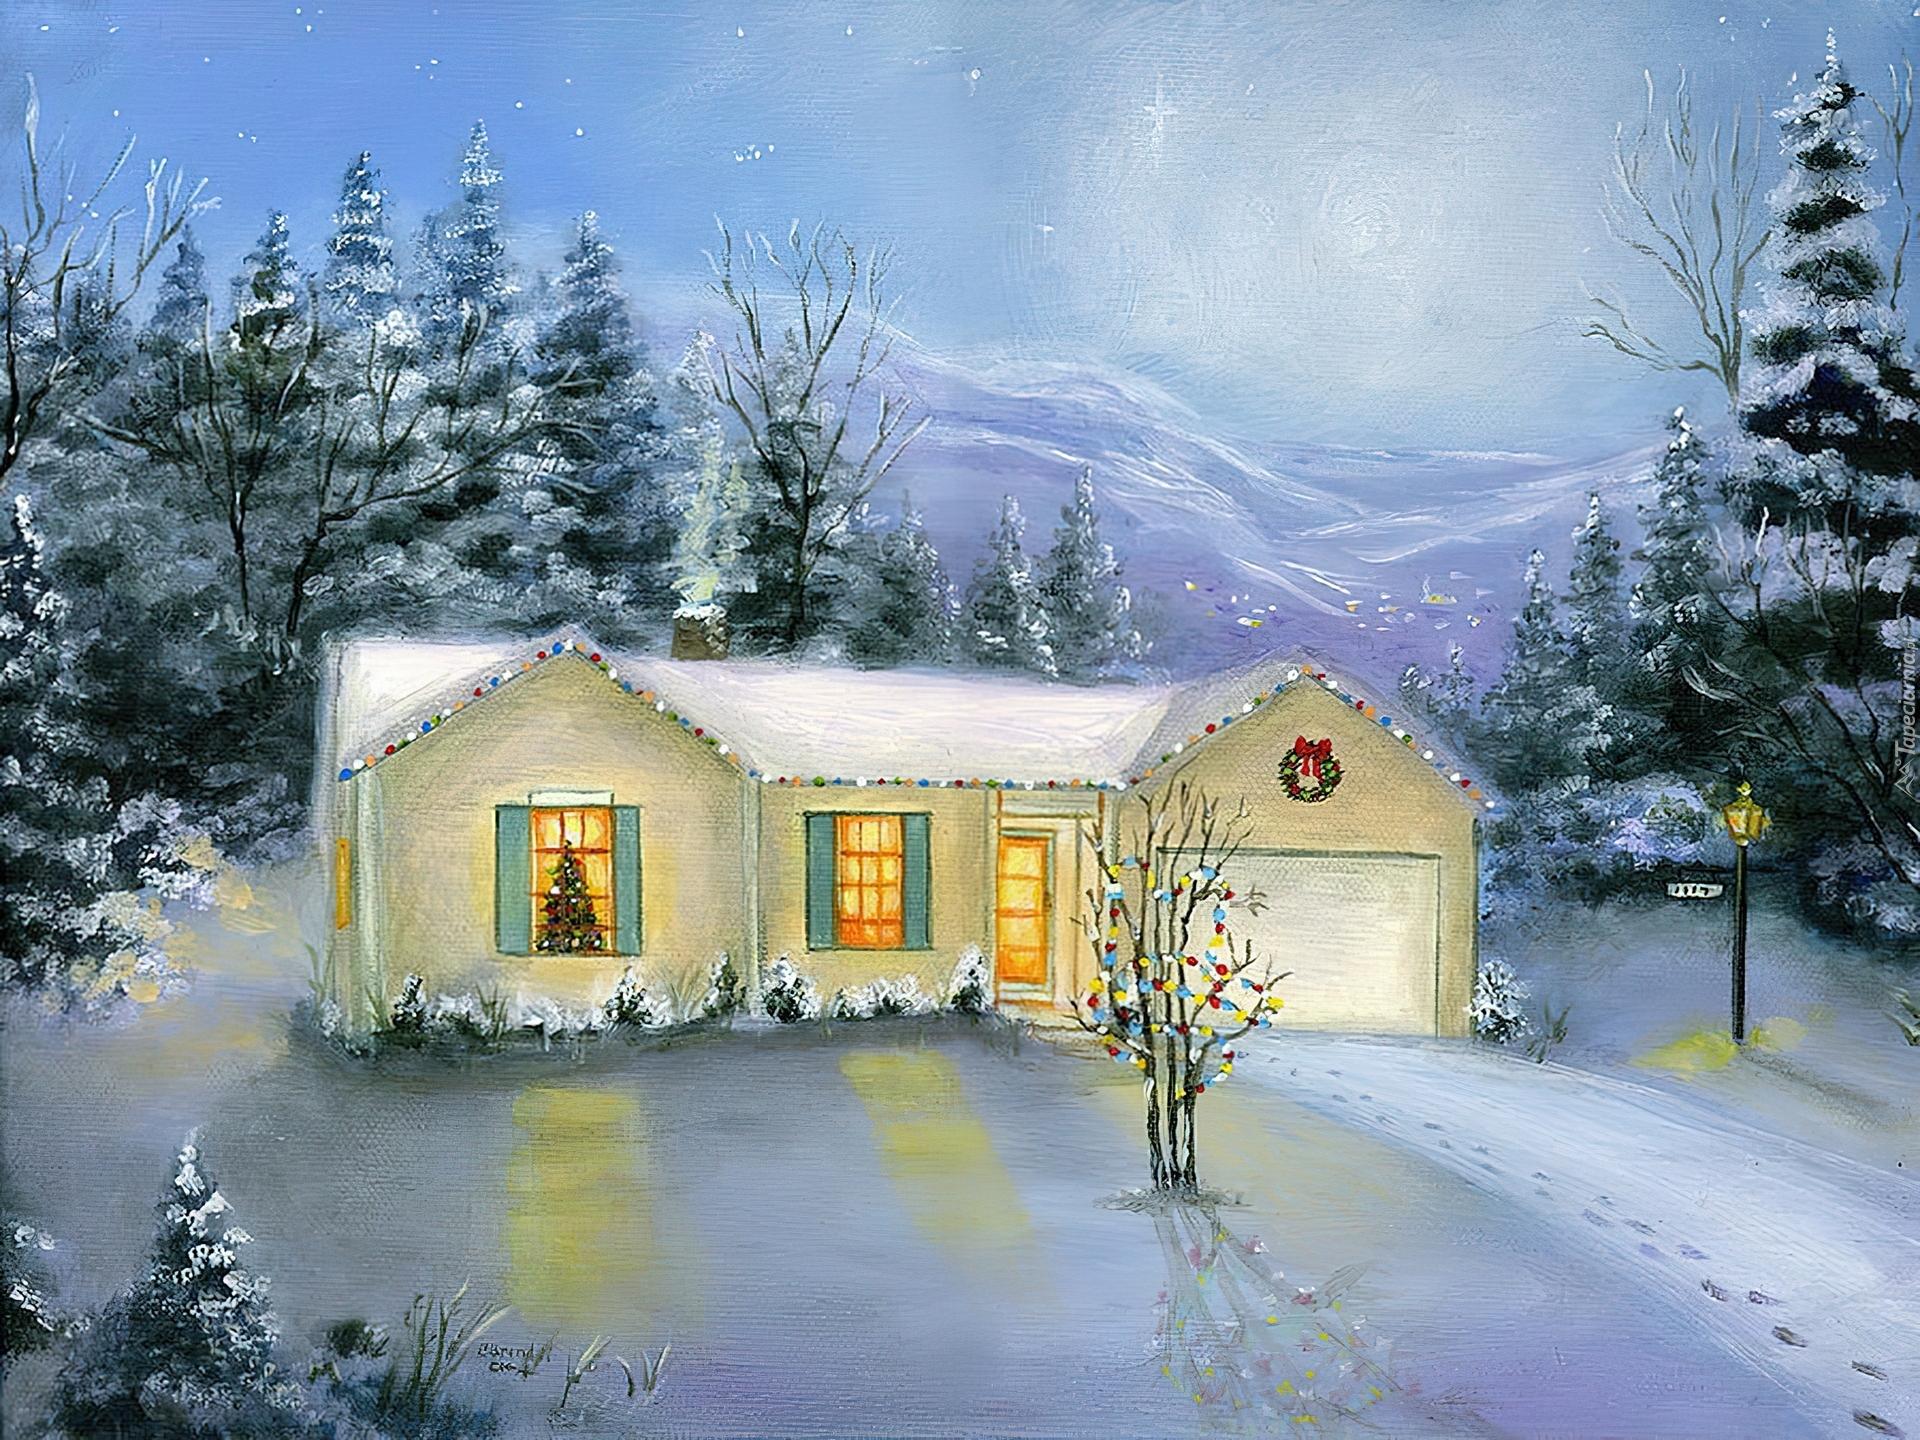 Dom, Zima, Boże, Narodzenie, Obraz